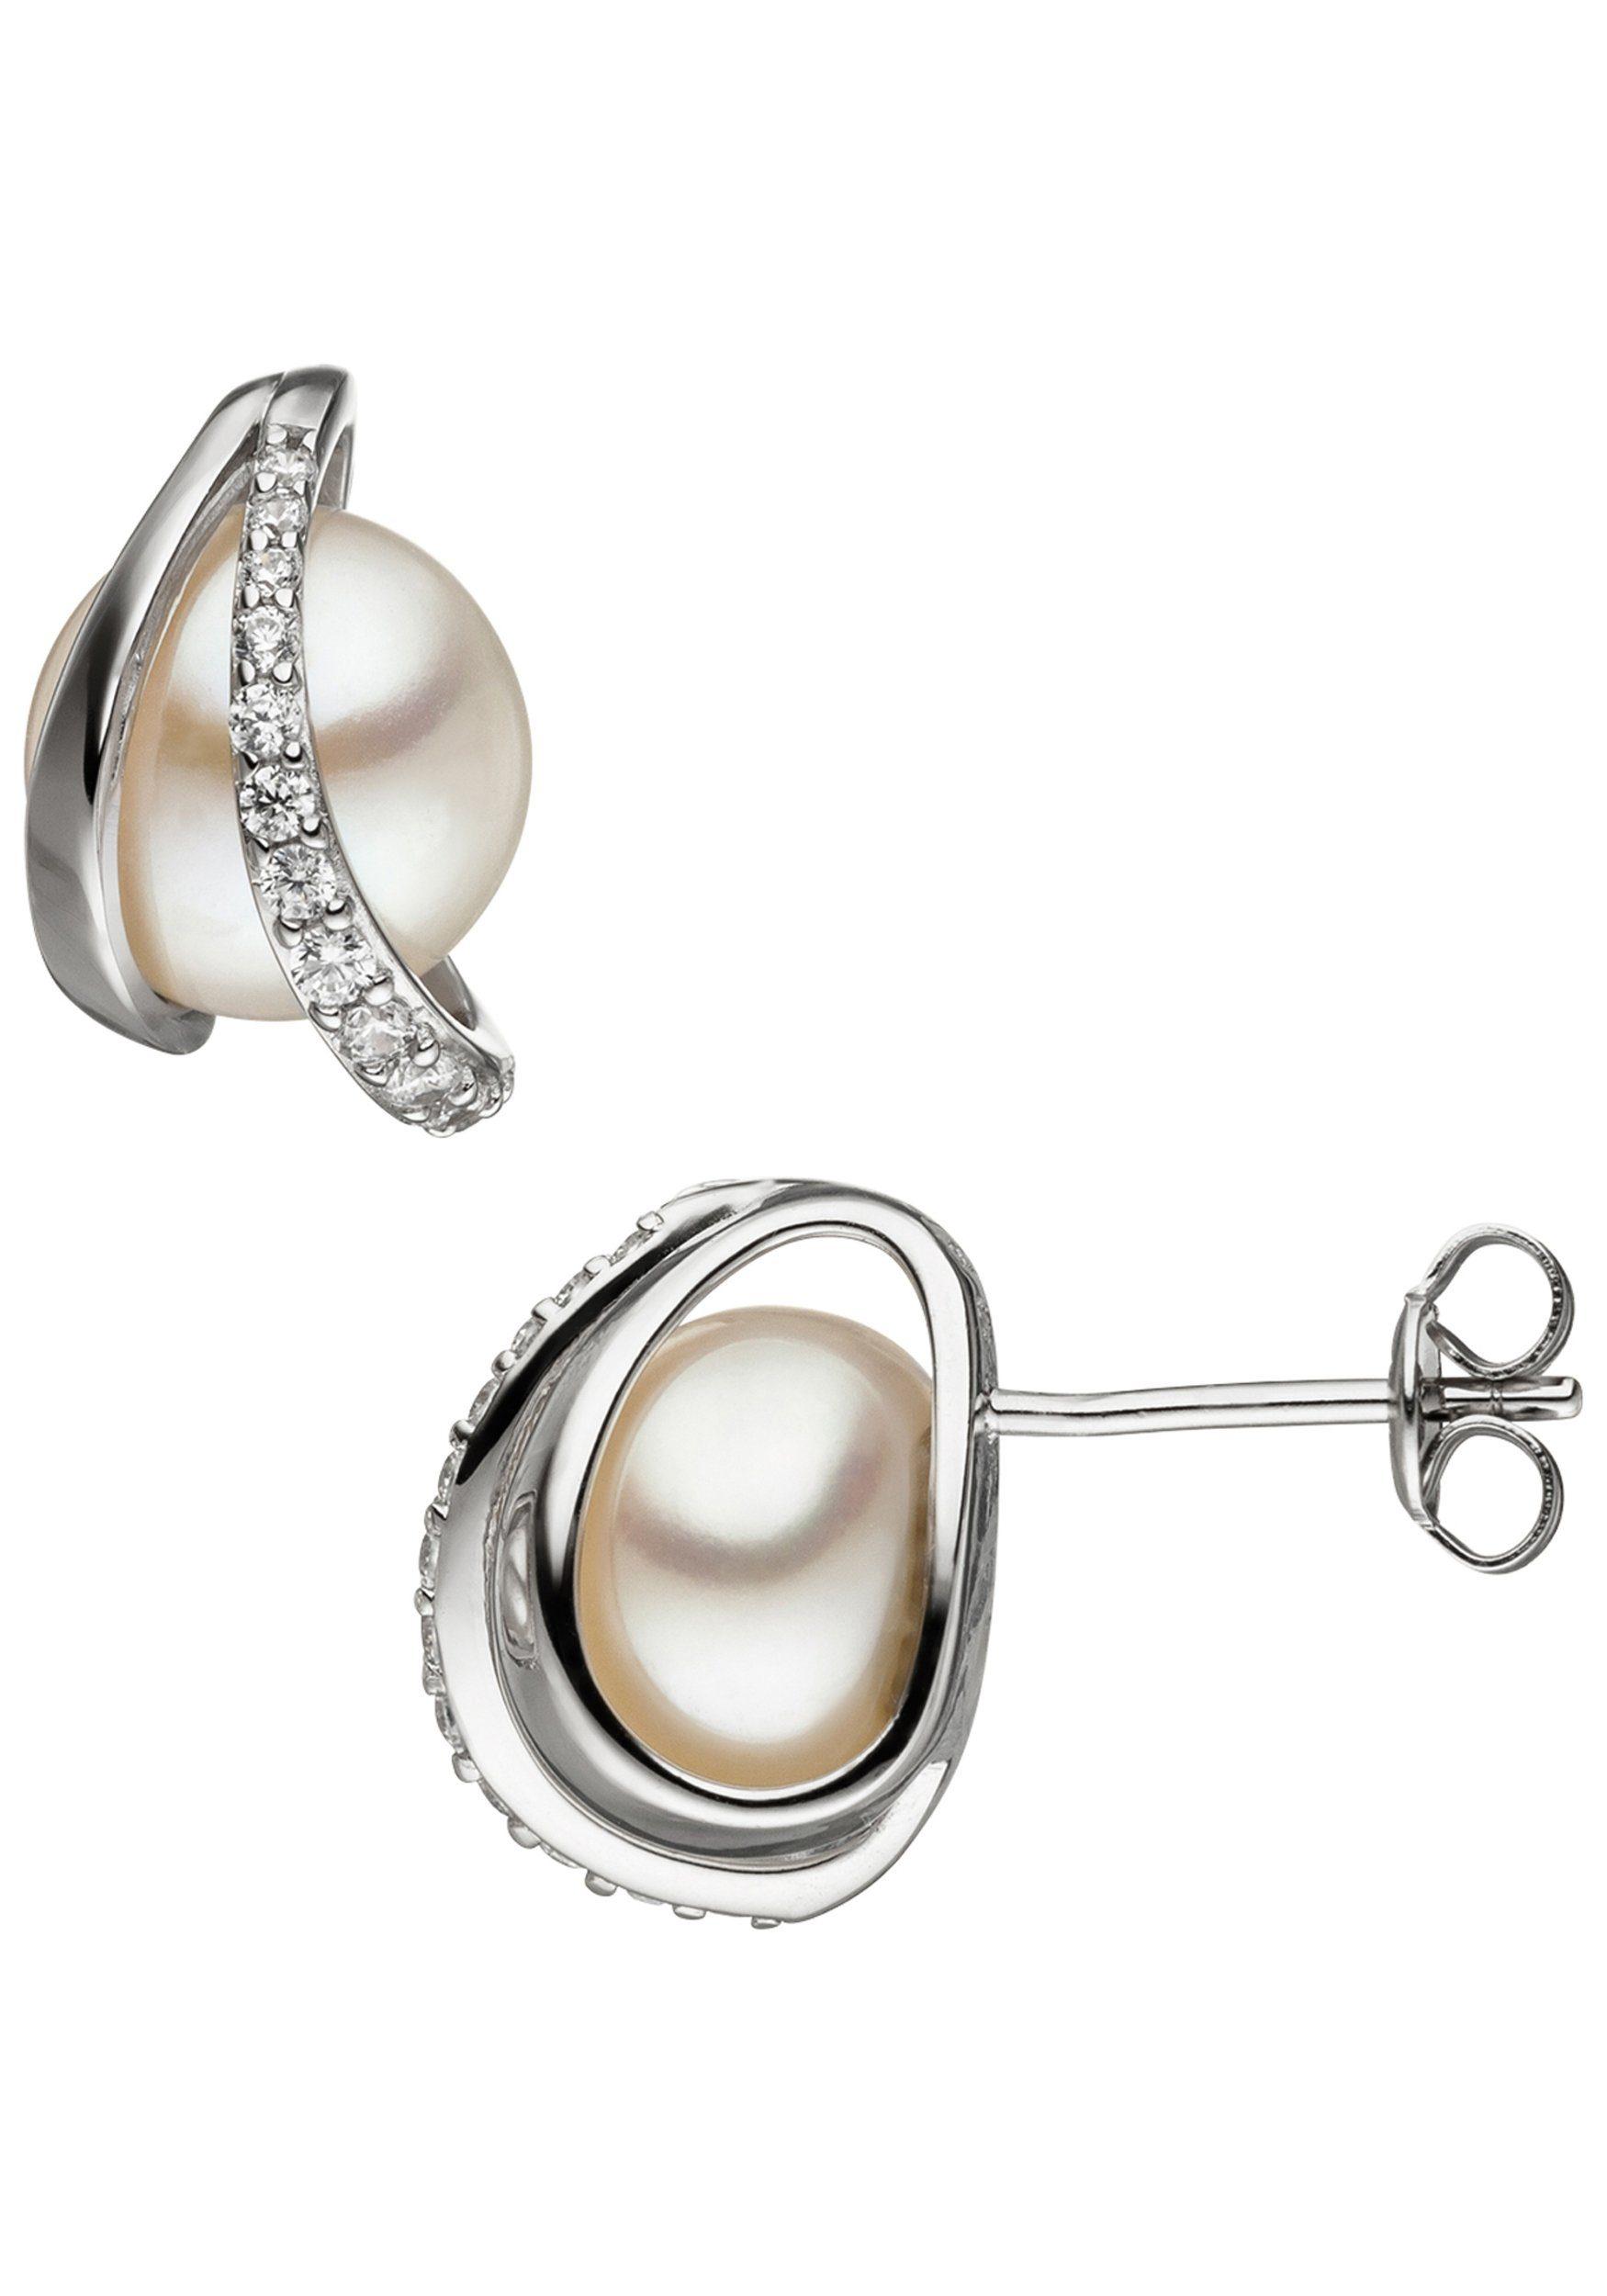 JOBO Perlenohrringe 925 Silber mit Süßwasser-Zuchtperlen und Zirkonia